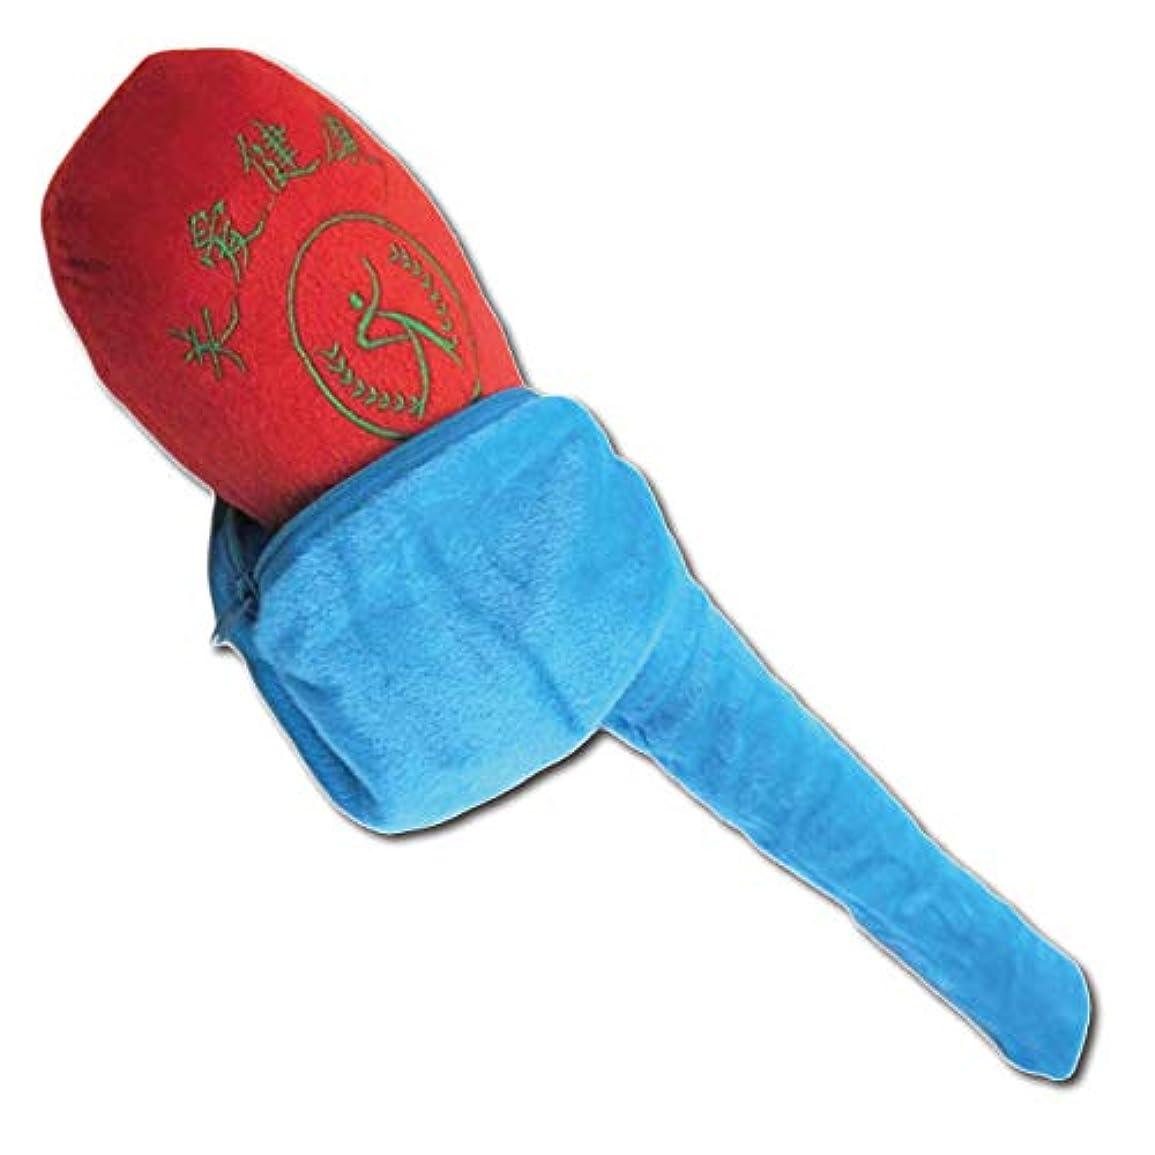 フェリモア 肩叩き棒 肩たたき 磁石 肩のコリ マッサージ 器具 肩もみ 四重肩や五重肩に (ブルー×レッド)